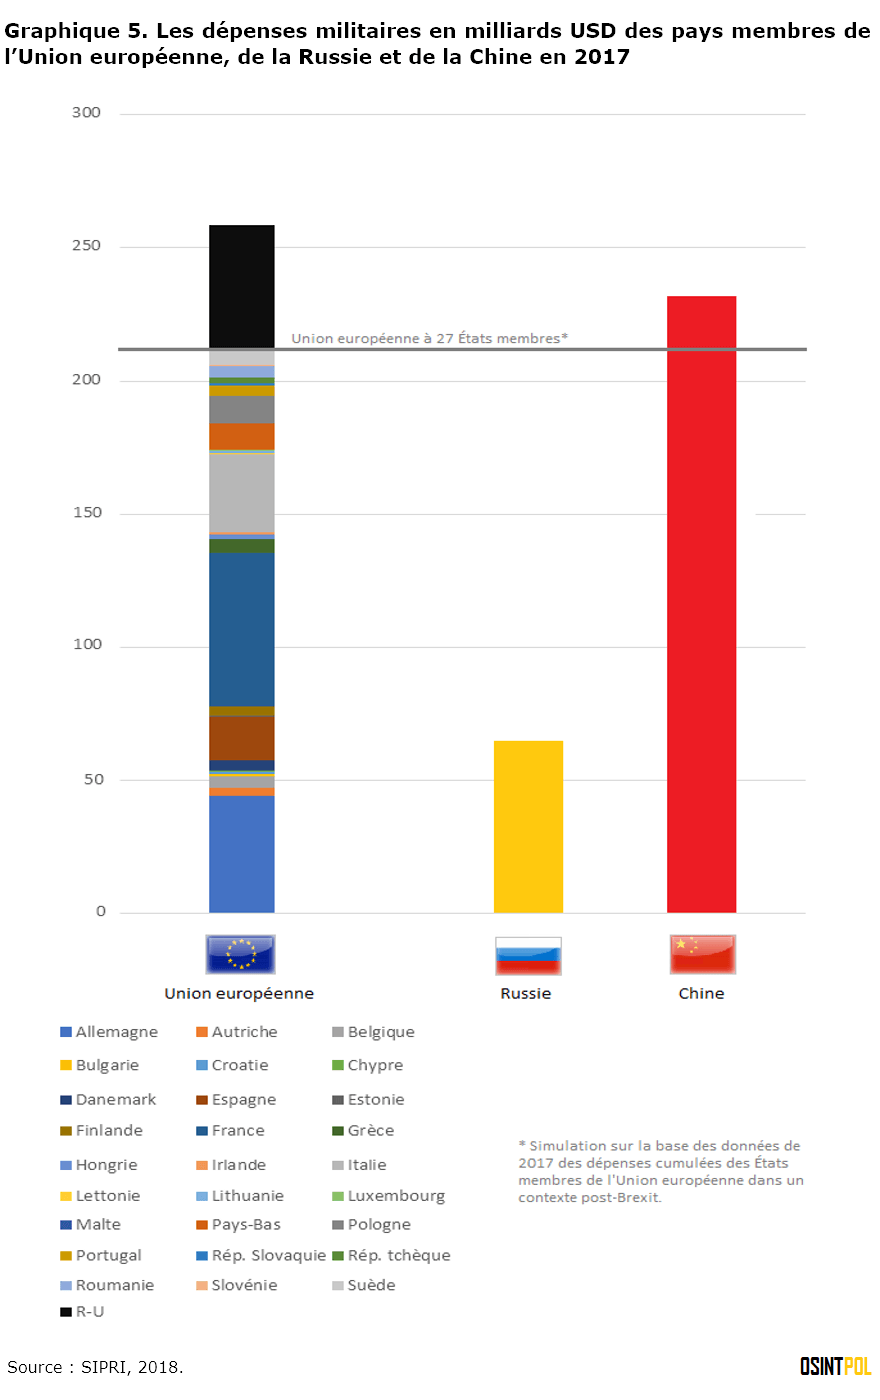 graphique-5-les-depenses-militaires-des-pays-membres-de-l-union-europeenne-de-la-russie-et-de-la-chine-en-2017-osintpol